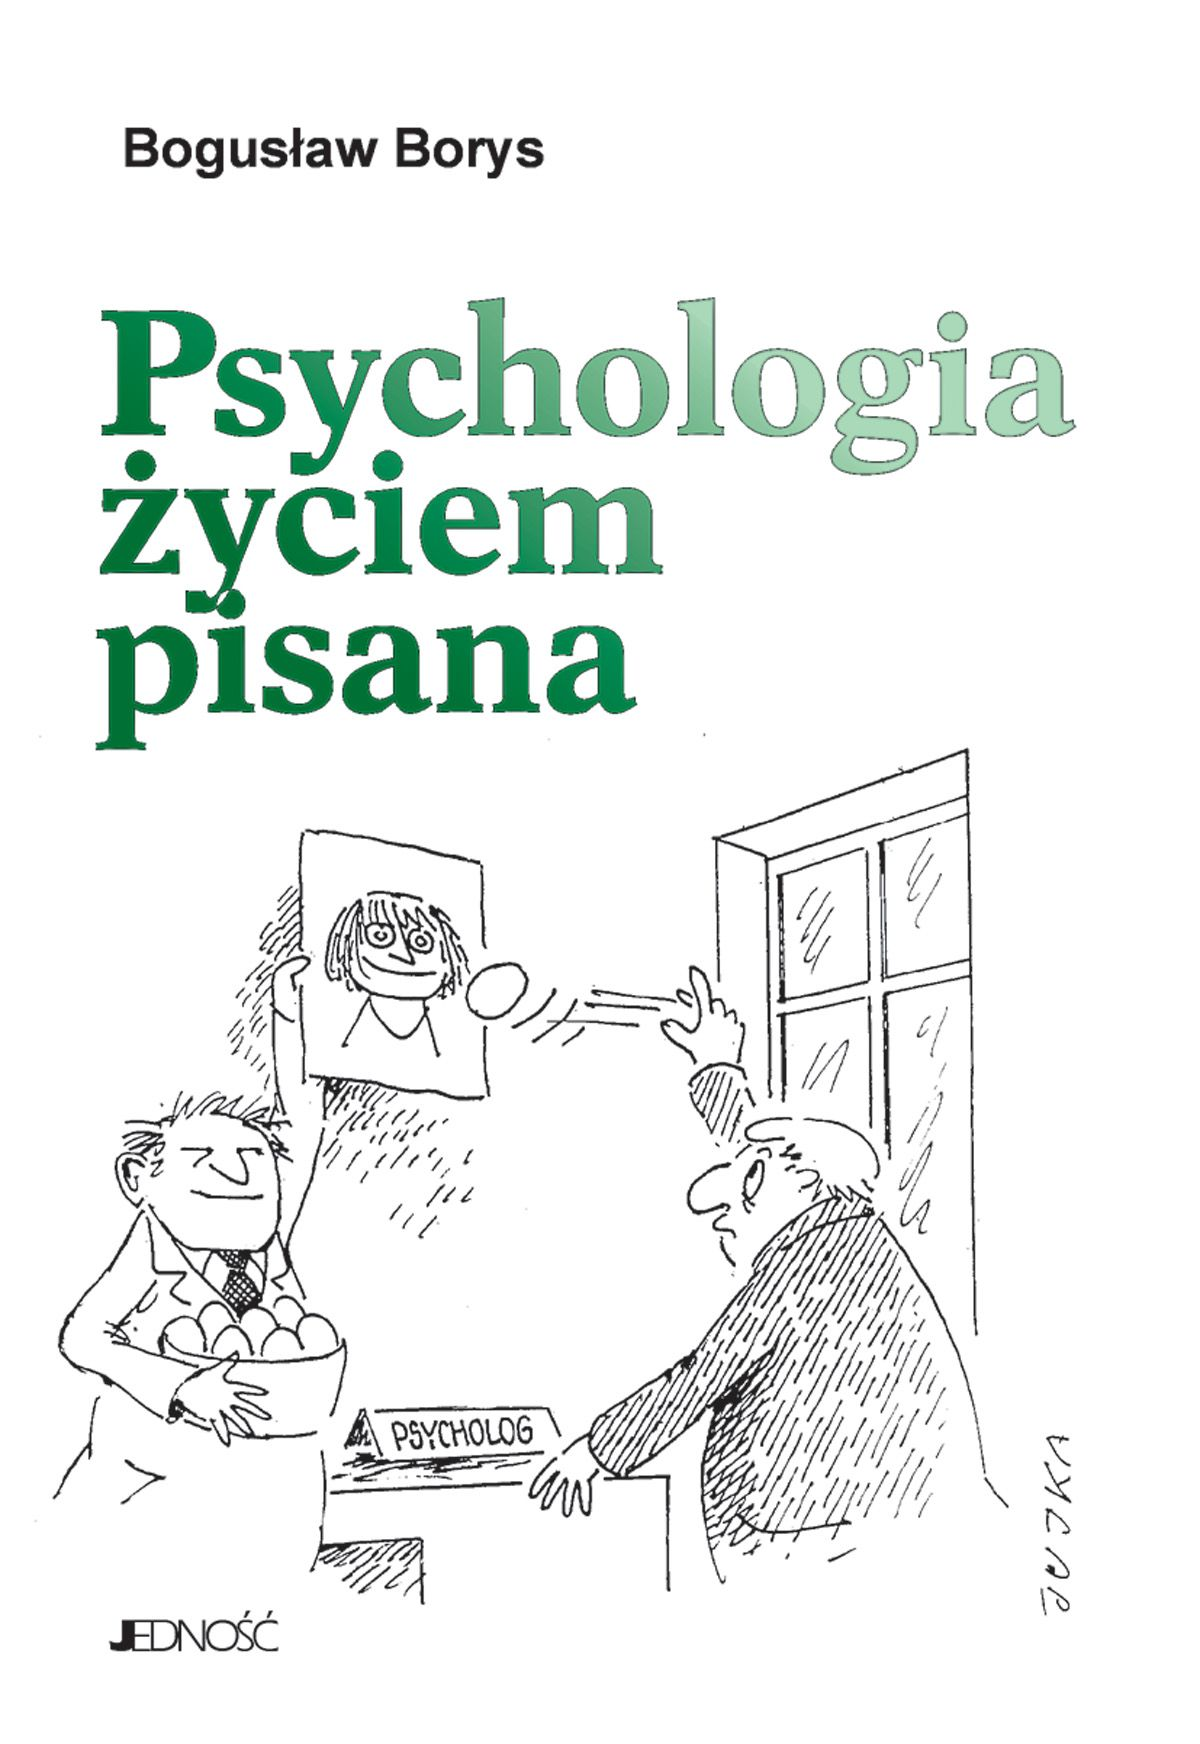 Psychologia życiem pisana - Ebook (Książka EPUB) do pobrania w formacie EPUB